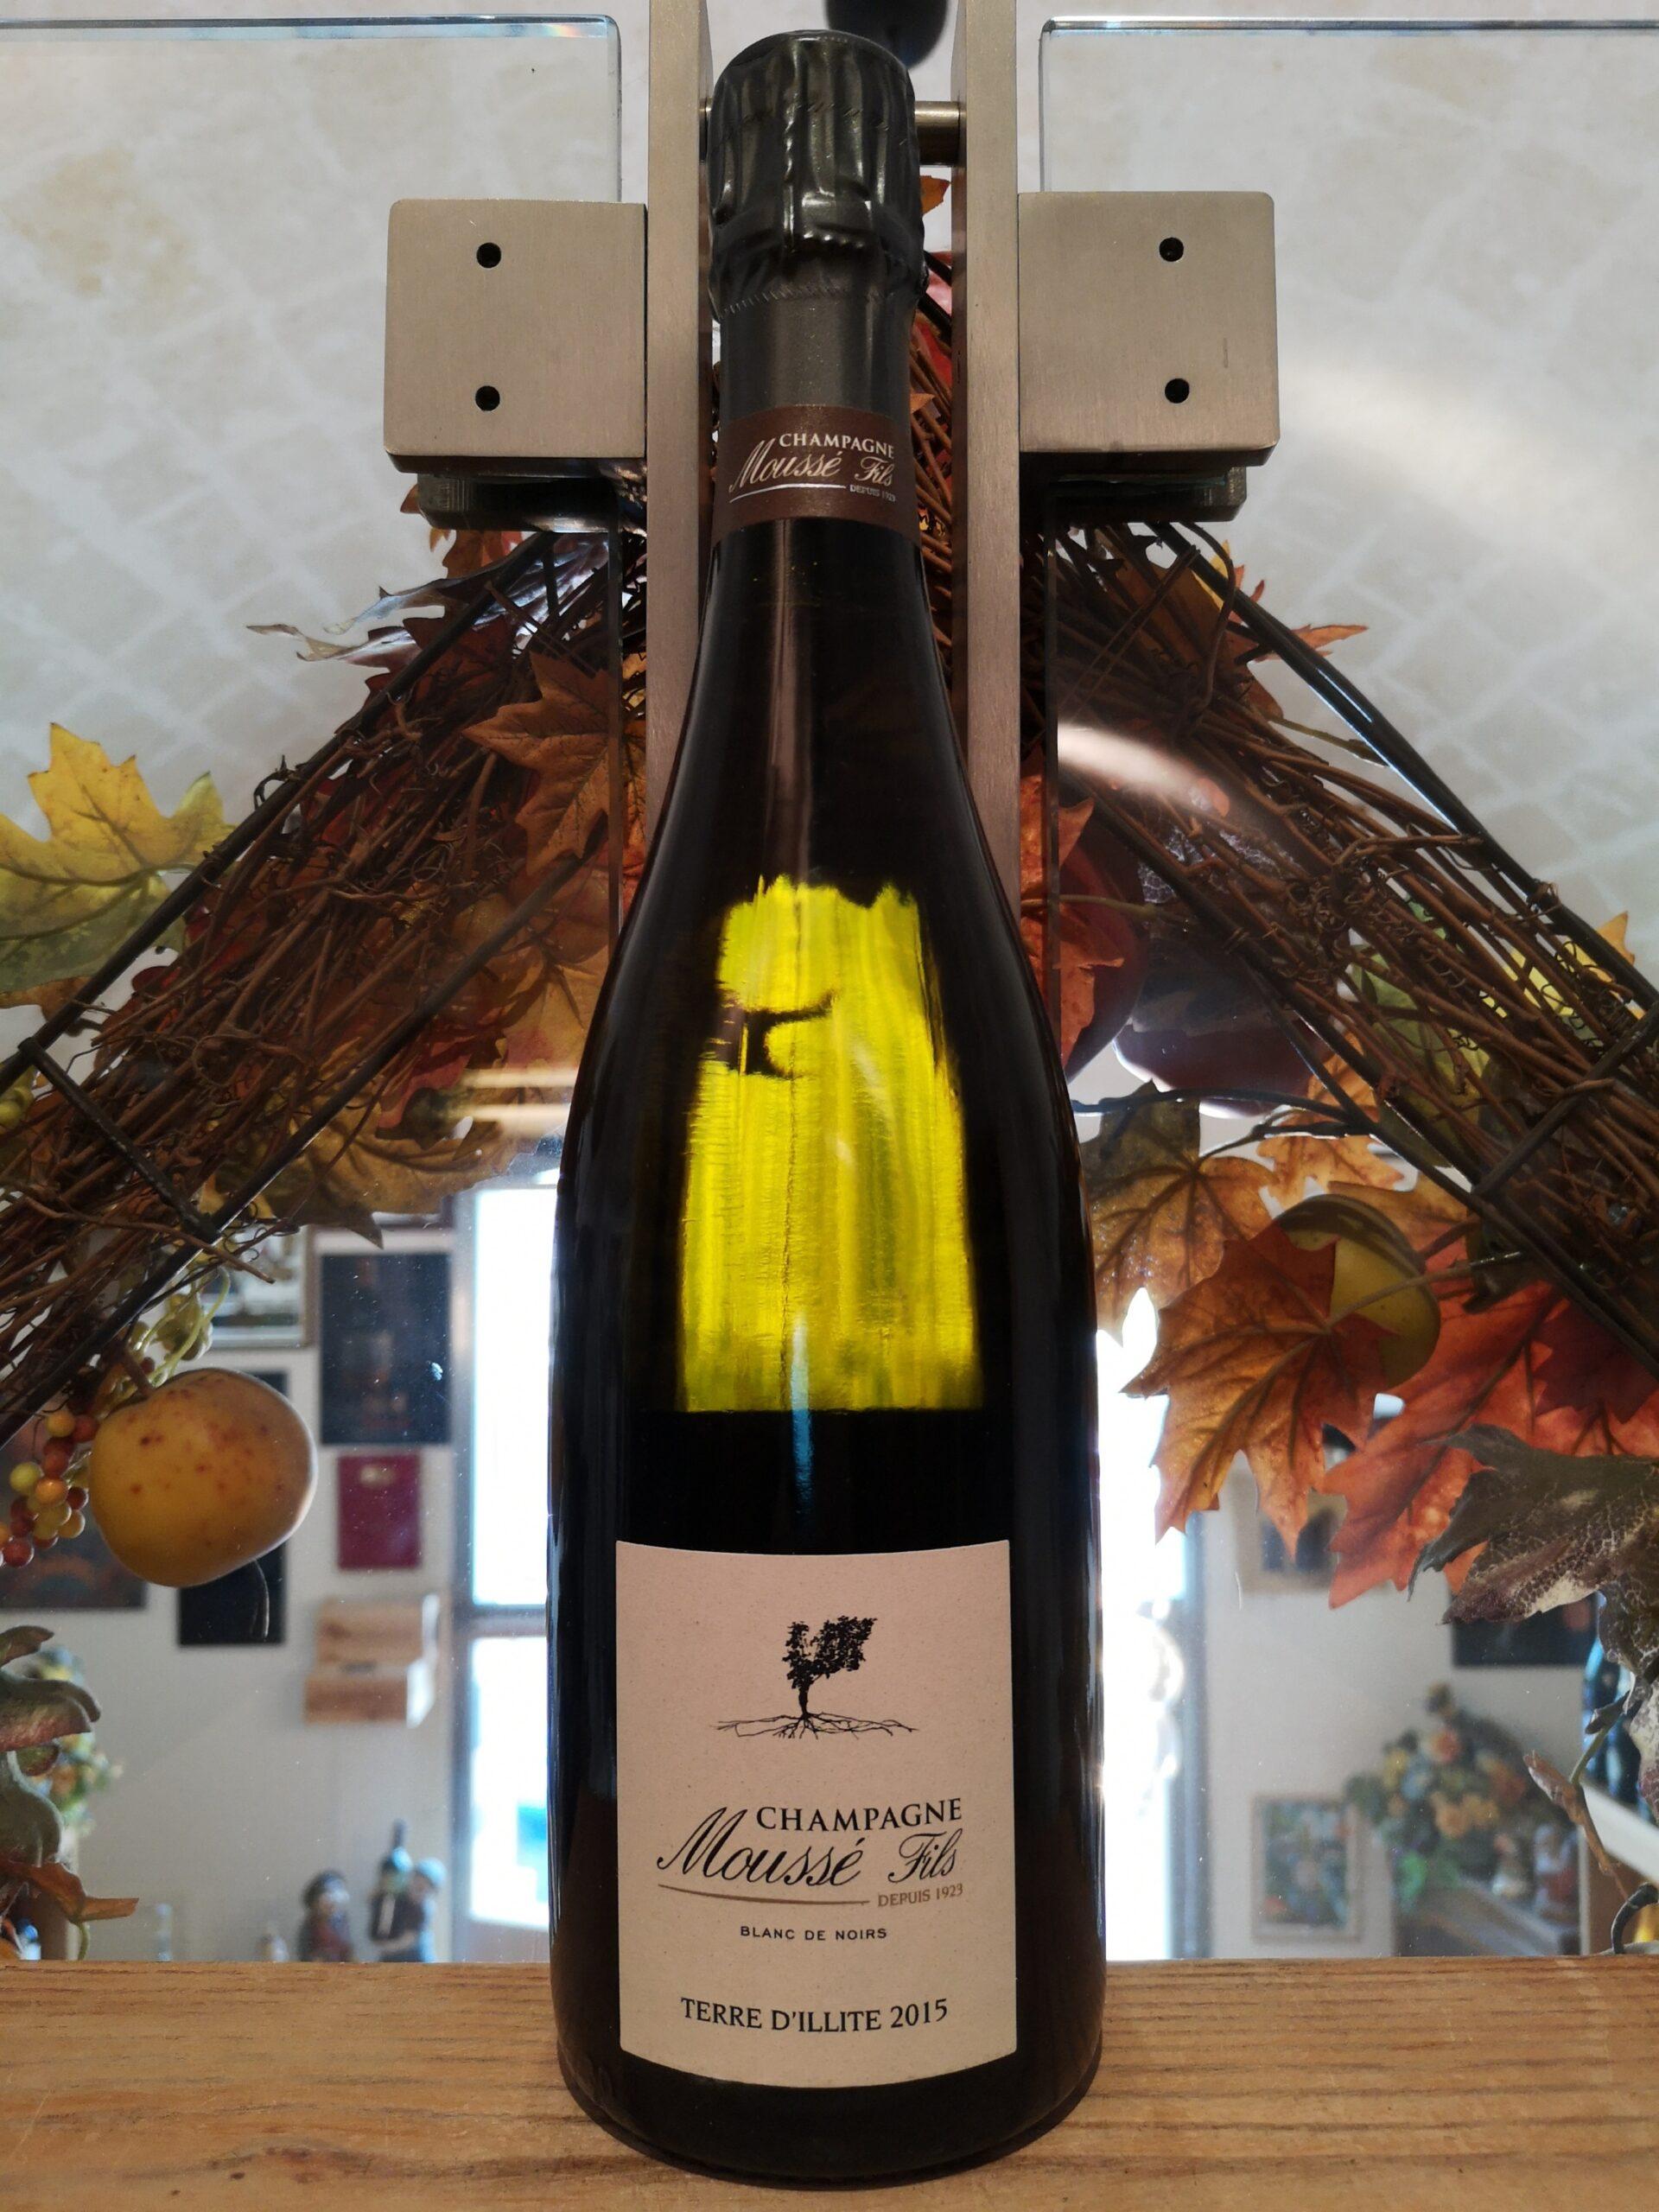 Terre D'Illite Moussé Fils Champagne Blanc de Noirs Extra Brut 2015